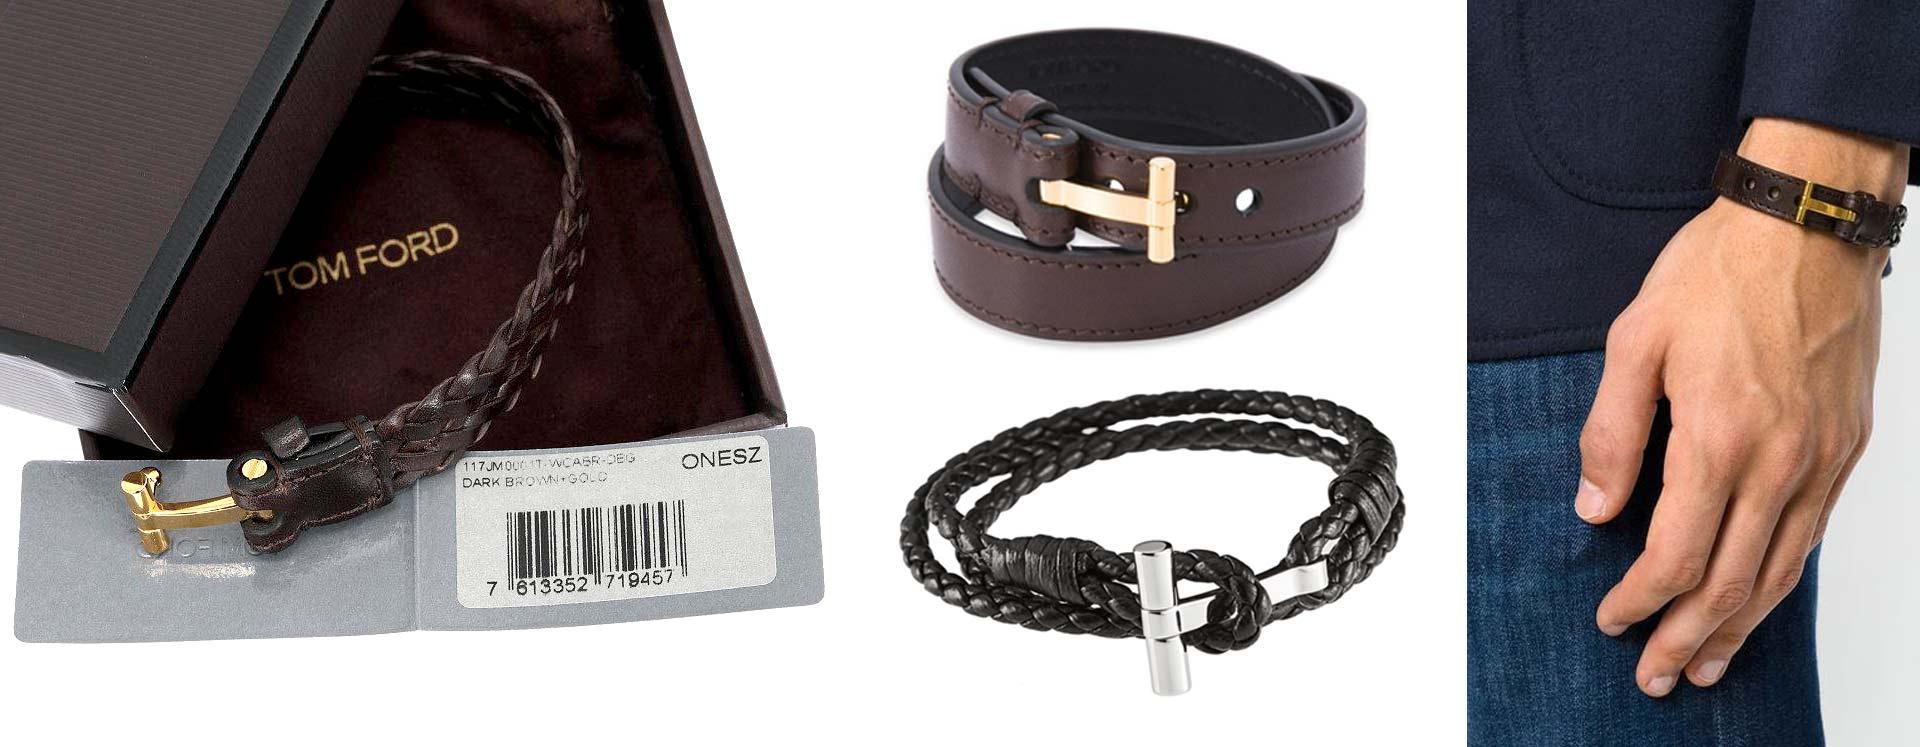 men's jewellery59 - برندهای لوکسی که موجب رونق جواهرات مردانه شده اند